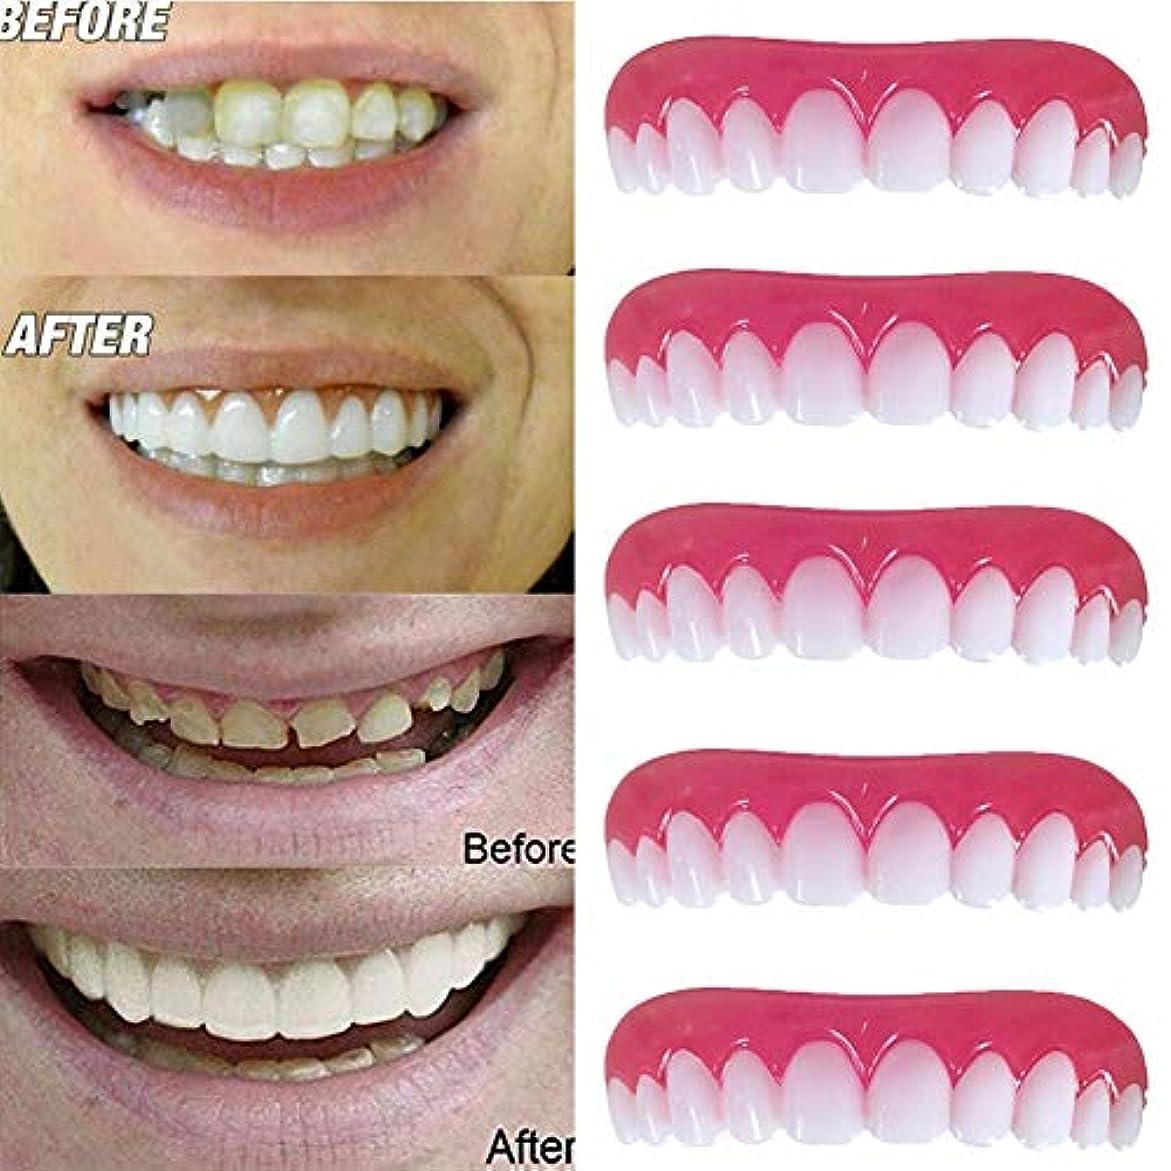 オーケストラ原因力強い義歯化粧品歯、5個美容歯科ボタンアメージングスマイル快適な柔らかい歯科突き板歯科化粧品ステッカー